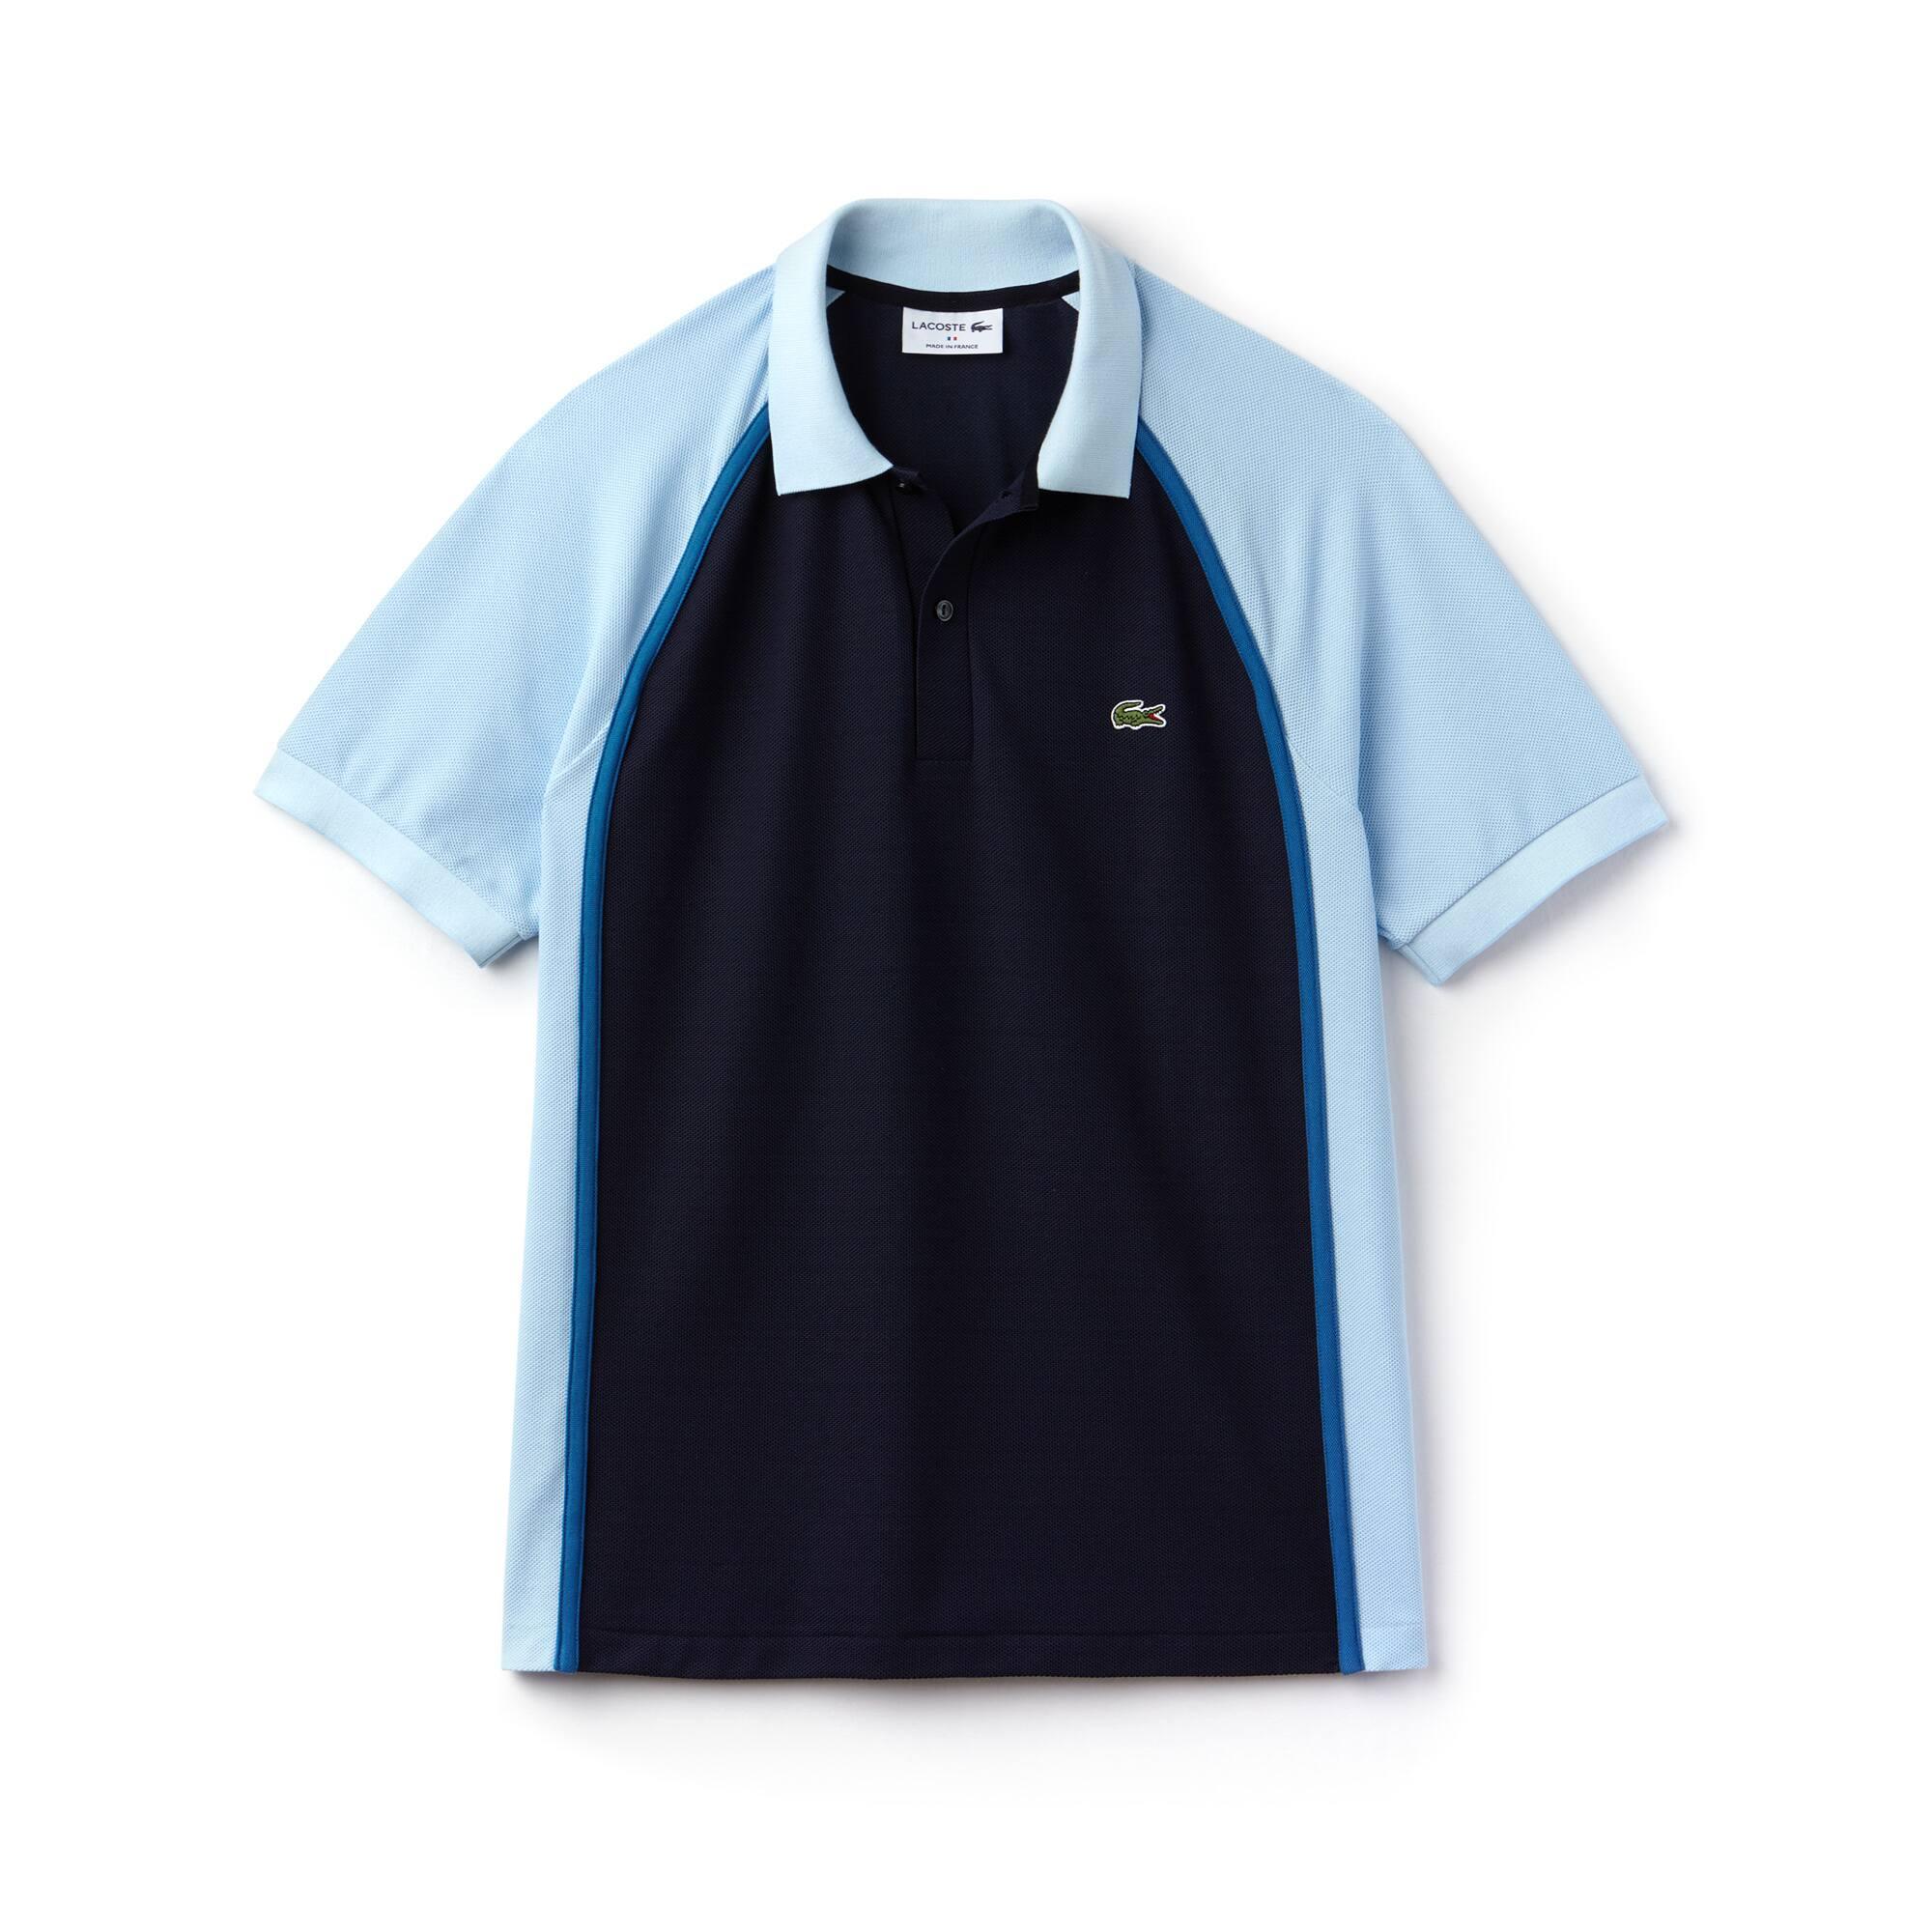 Herren LACOSTE Made in France Regular Fit Poloshirt